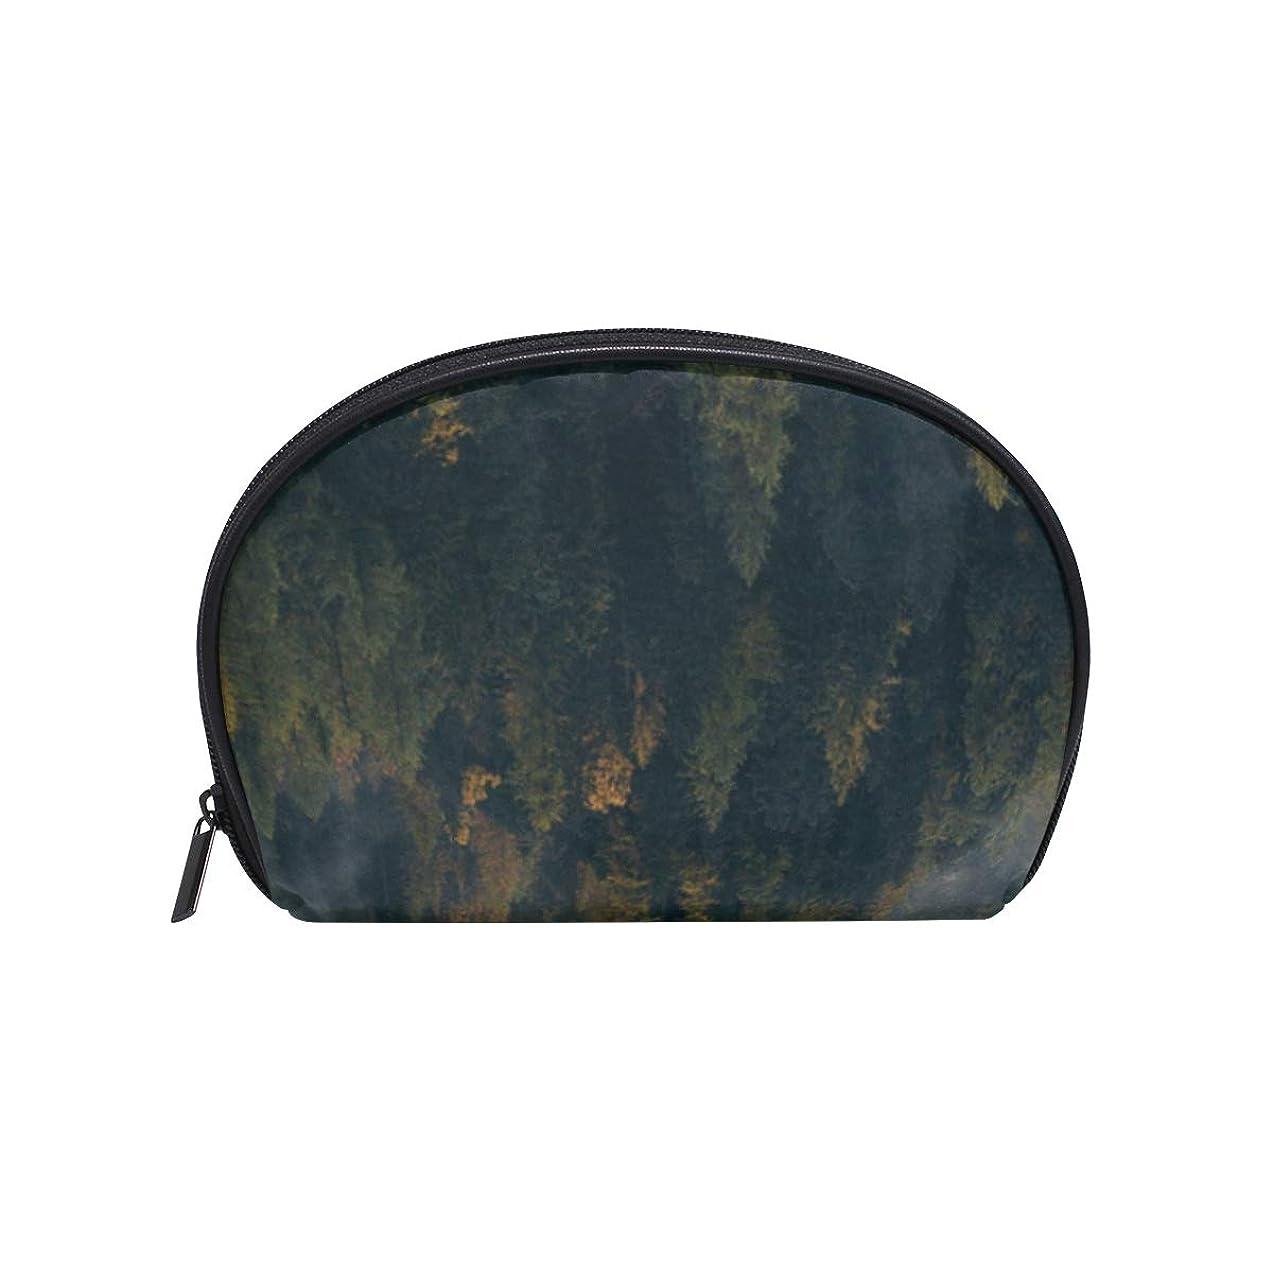 手段どこでもランドリーフォギー 森 半月 化粧品 メイク トイレタリーバッグ ポーチ 旅行ハンディ財布オーガナイザーバッグ